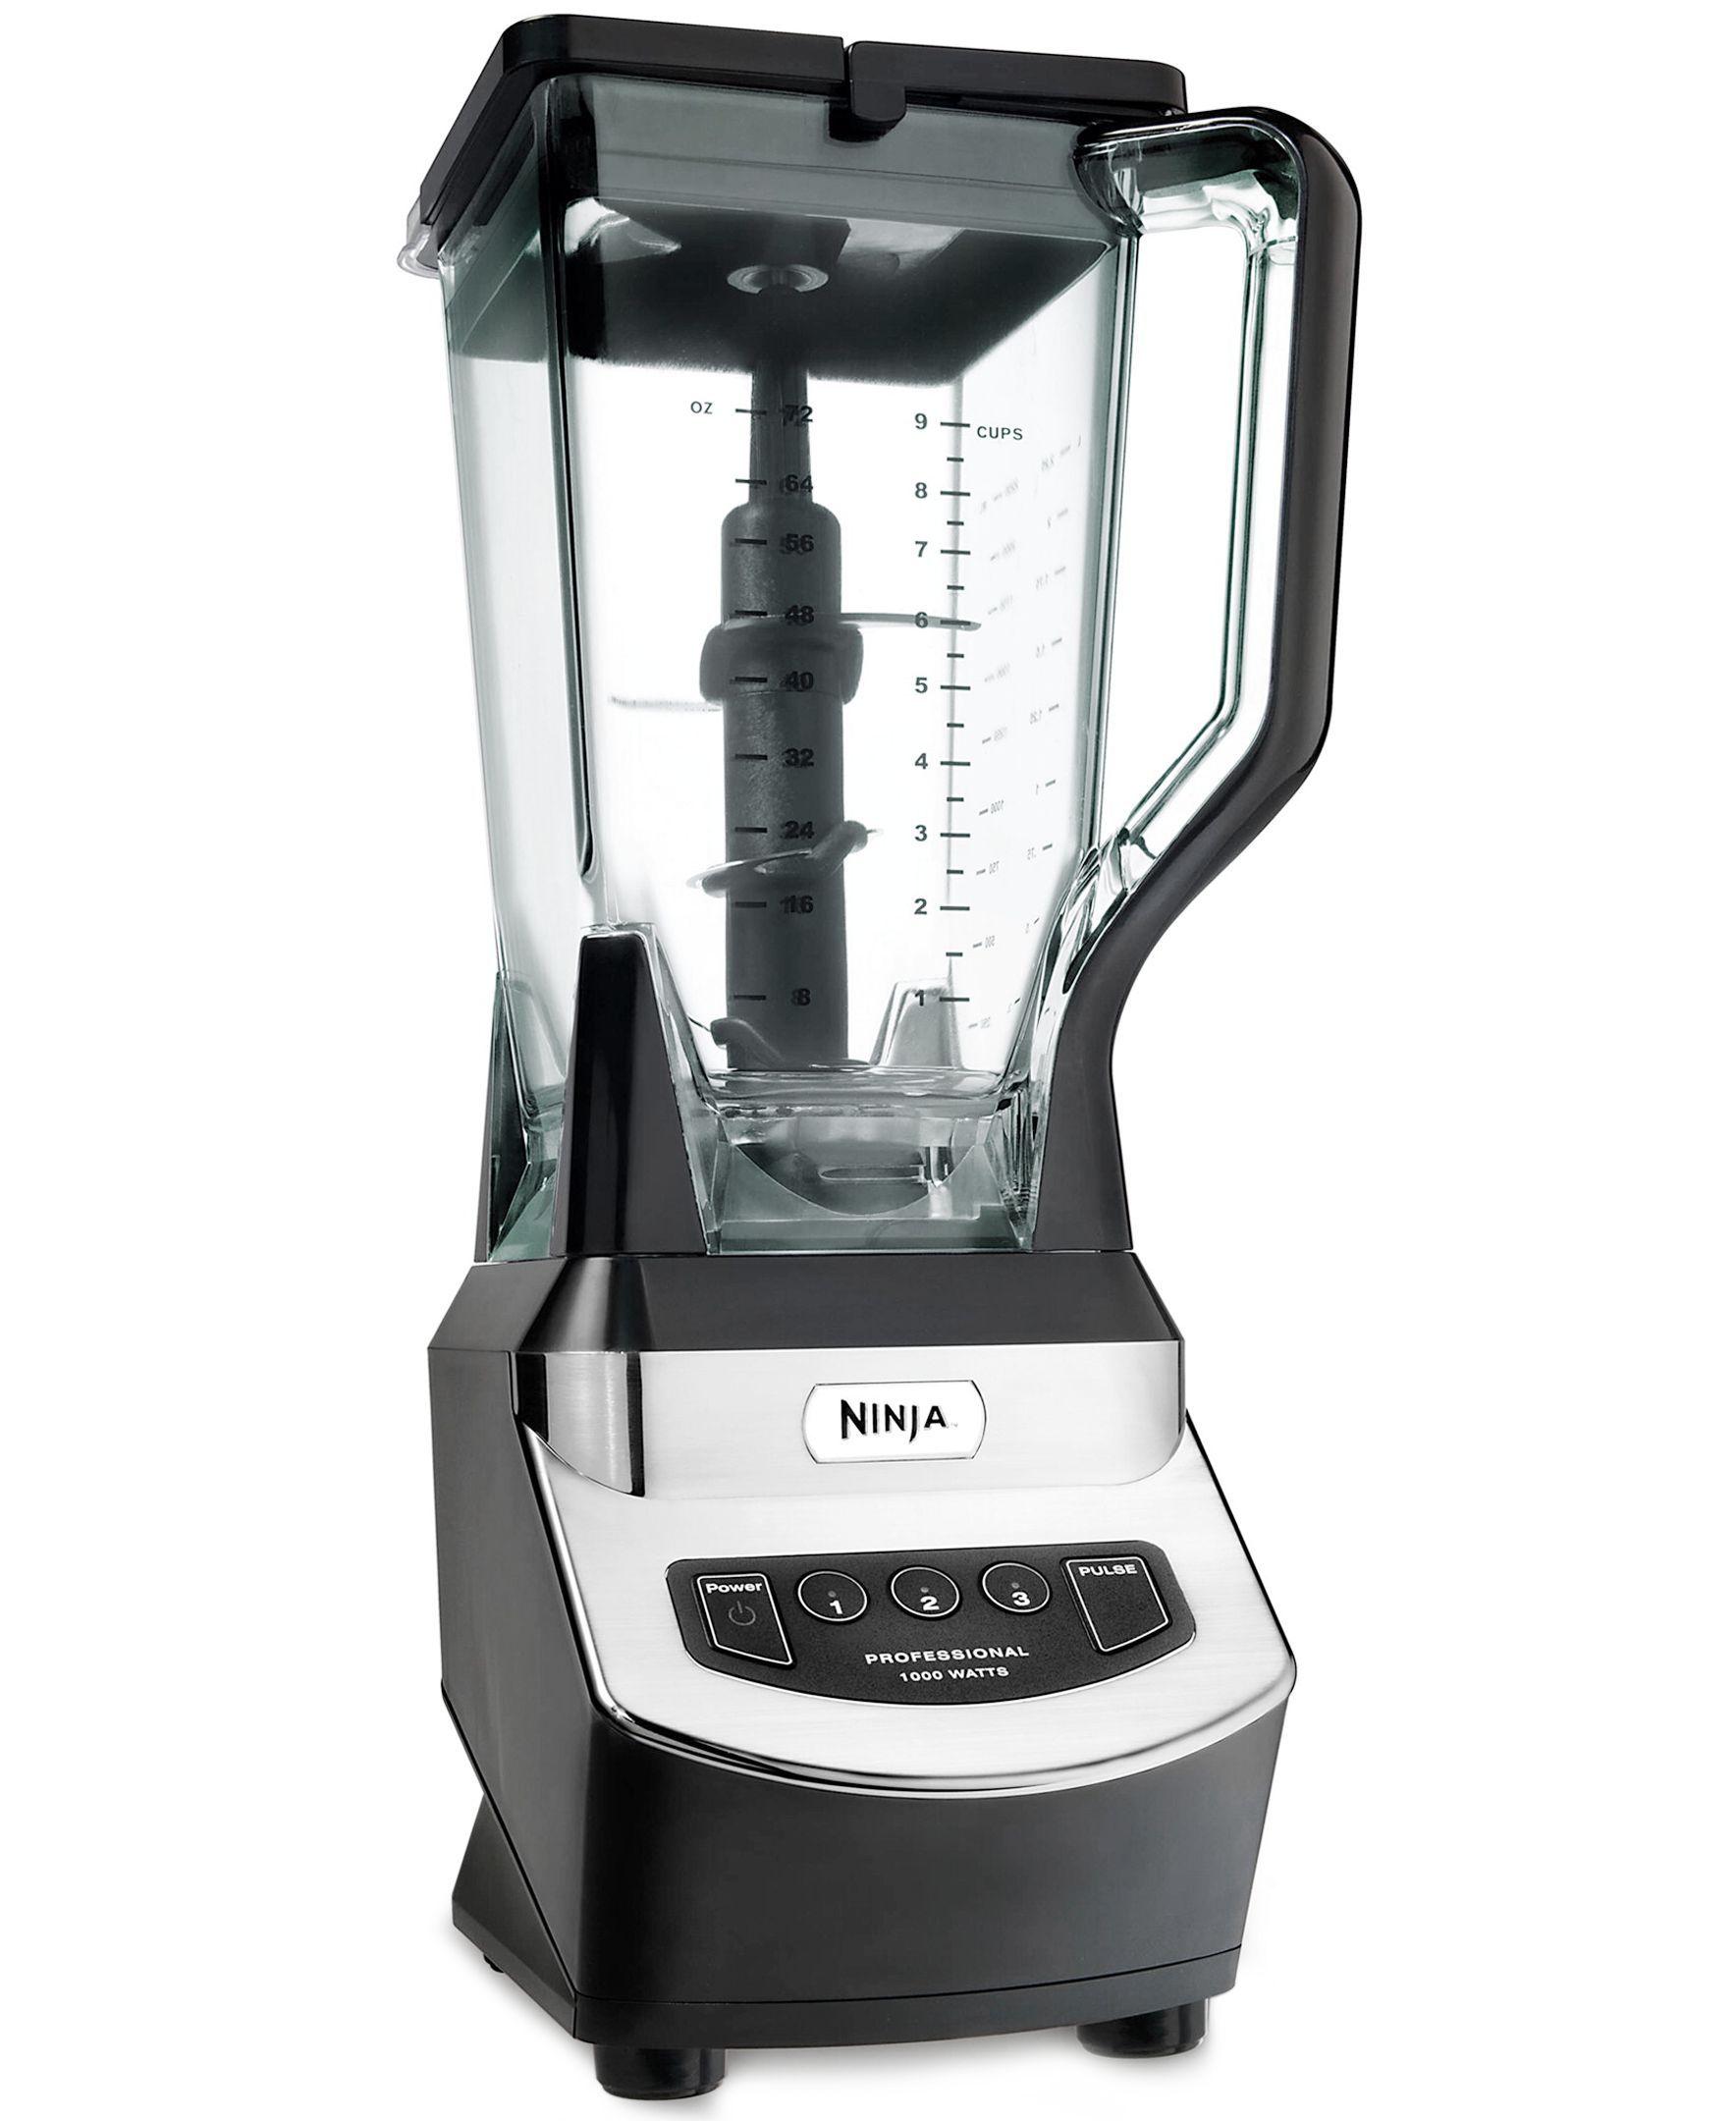 Ninja NJ600 Professional Blender | Professional blender, Food and ...